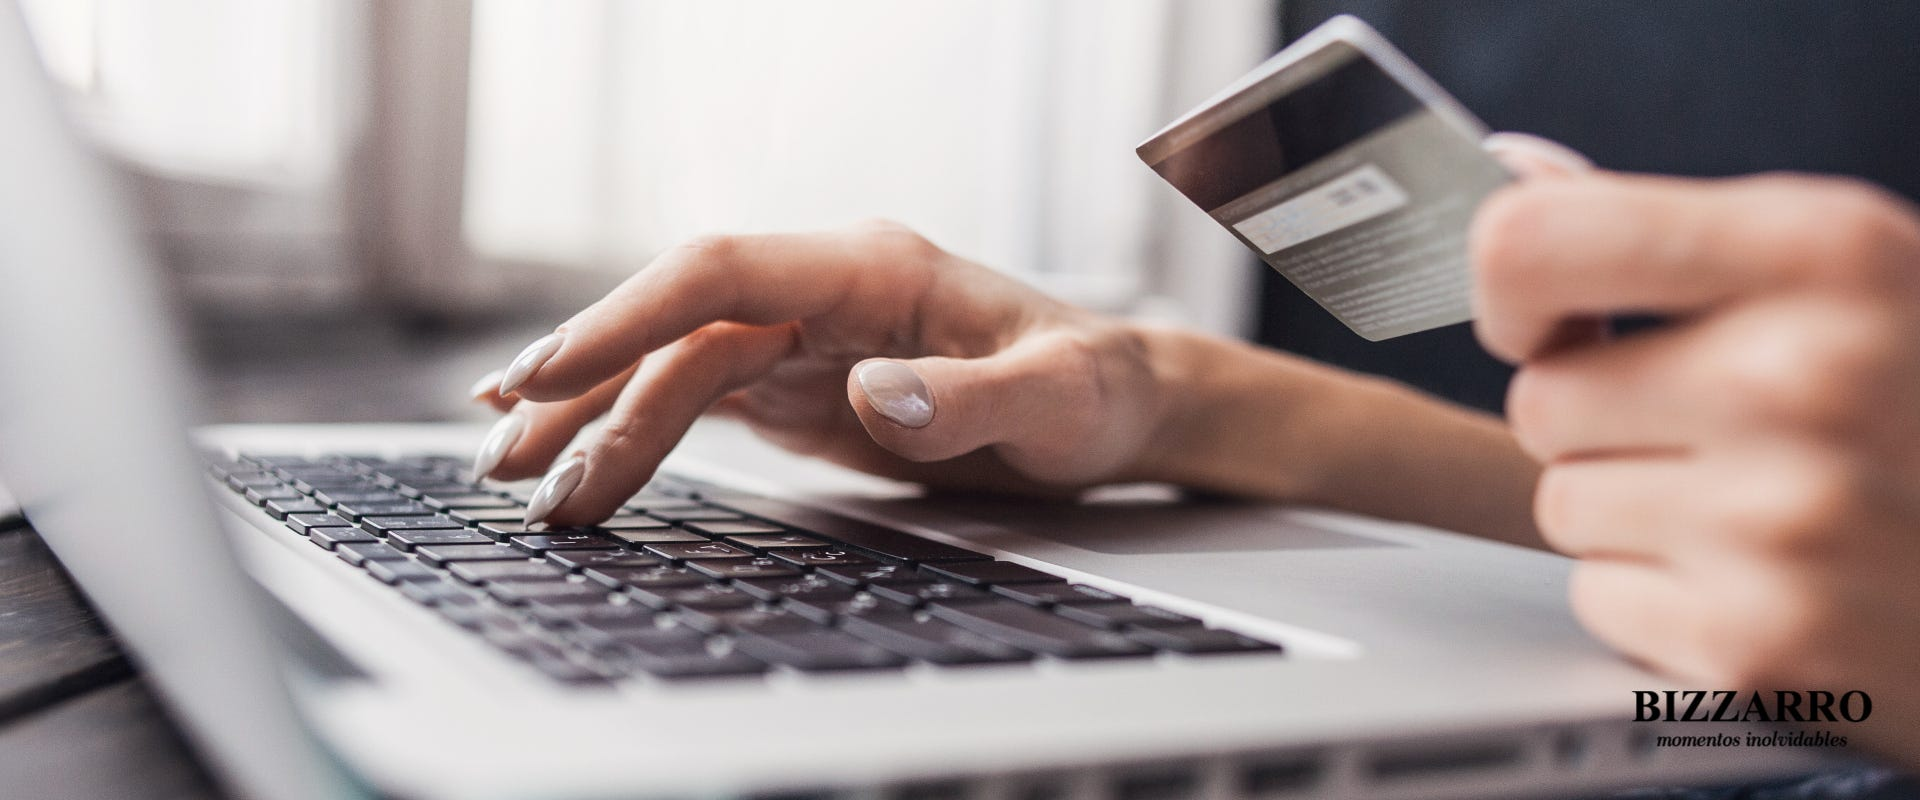 Lo que nadie te cuenta sobre los fraudes al comprar joyas y otras cosas en internet